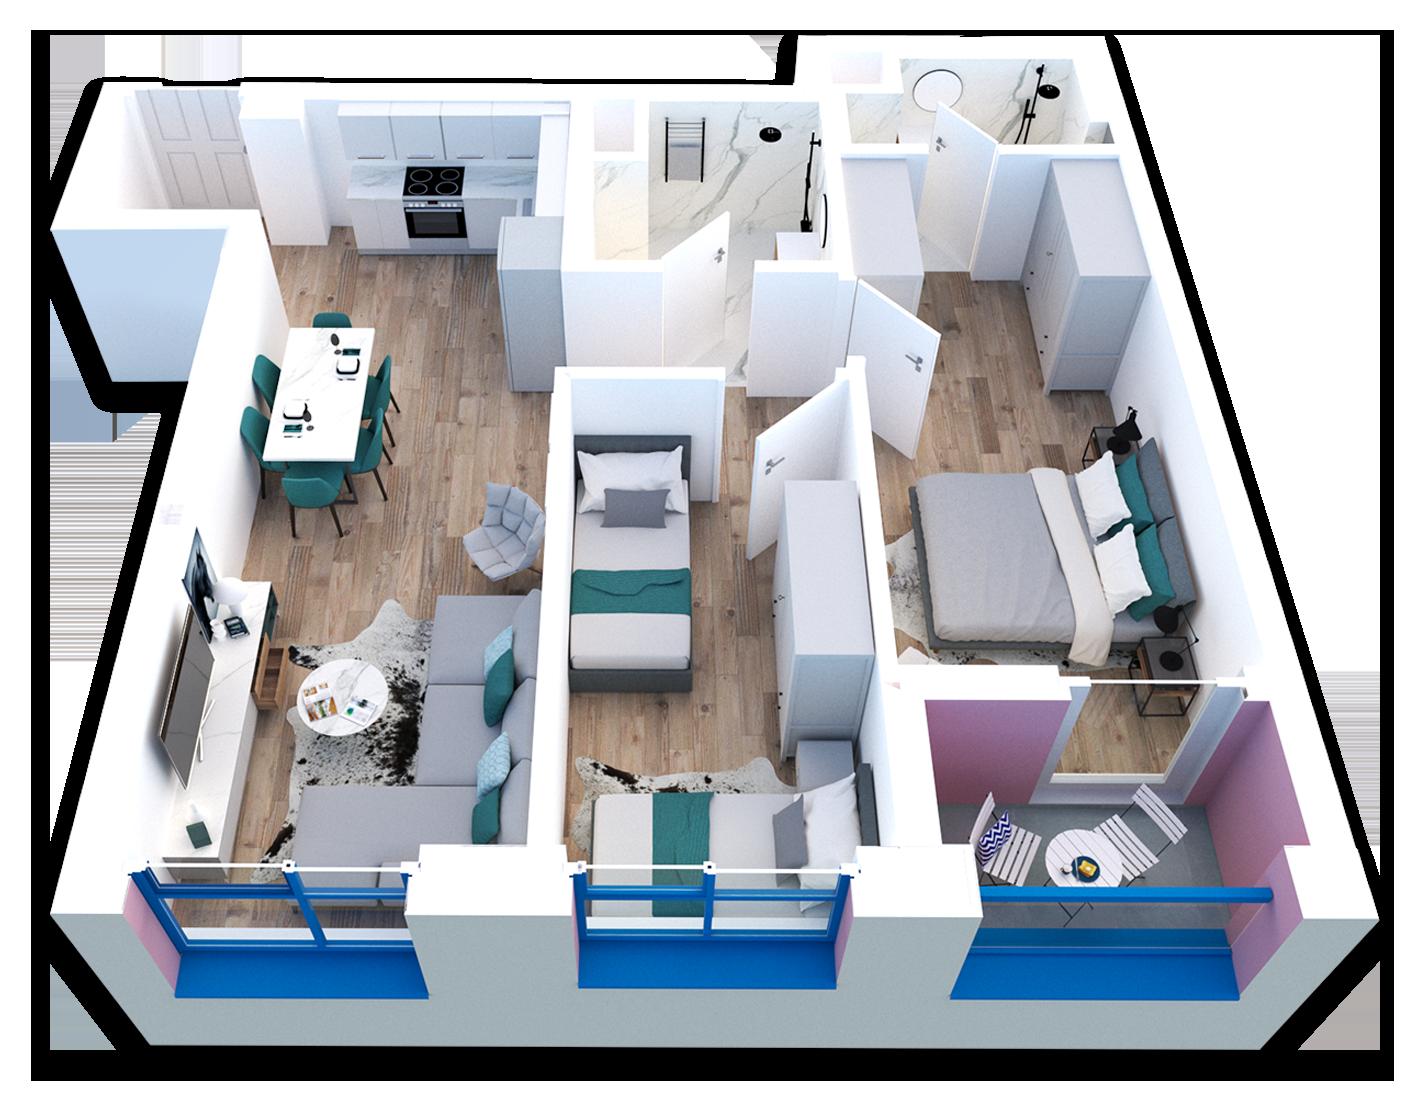 Apartament 2+1 në shitje në Tiranë - Mangalem 21 Shkalla 22 Kati 3